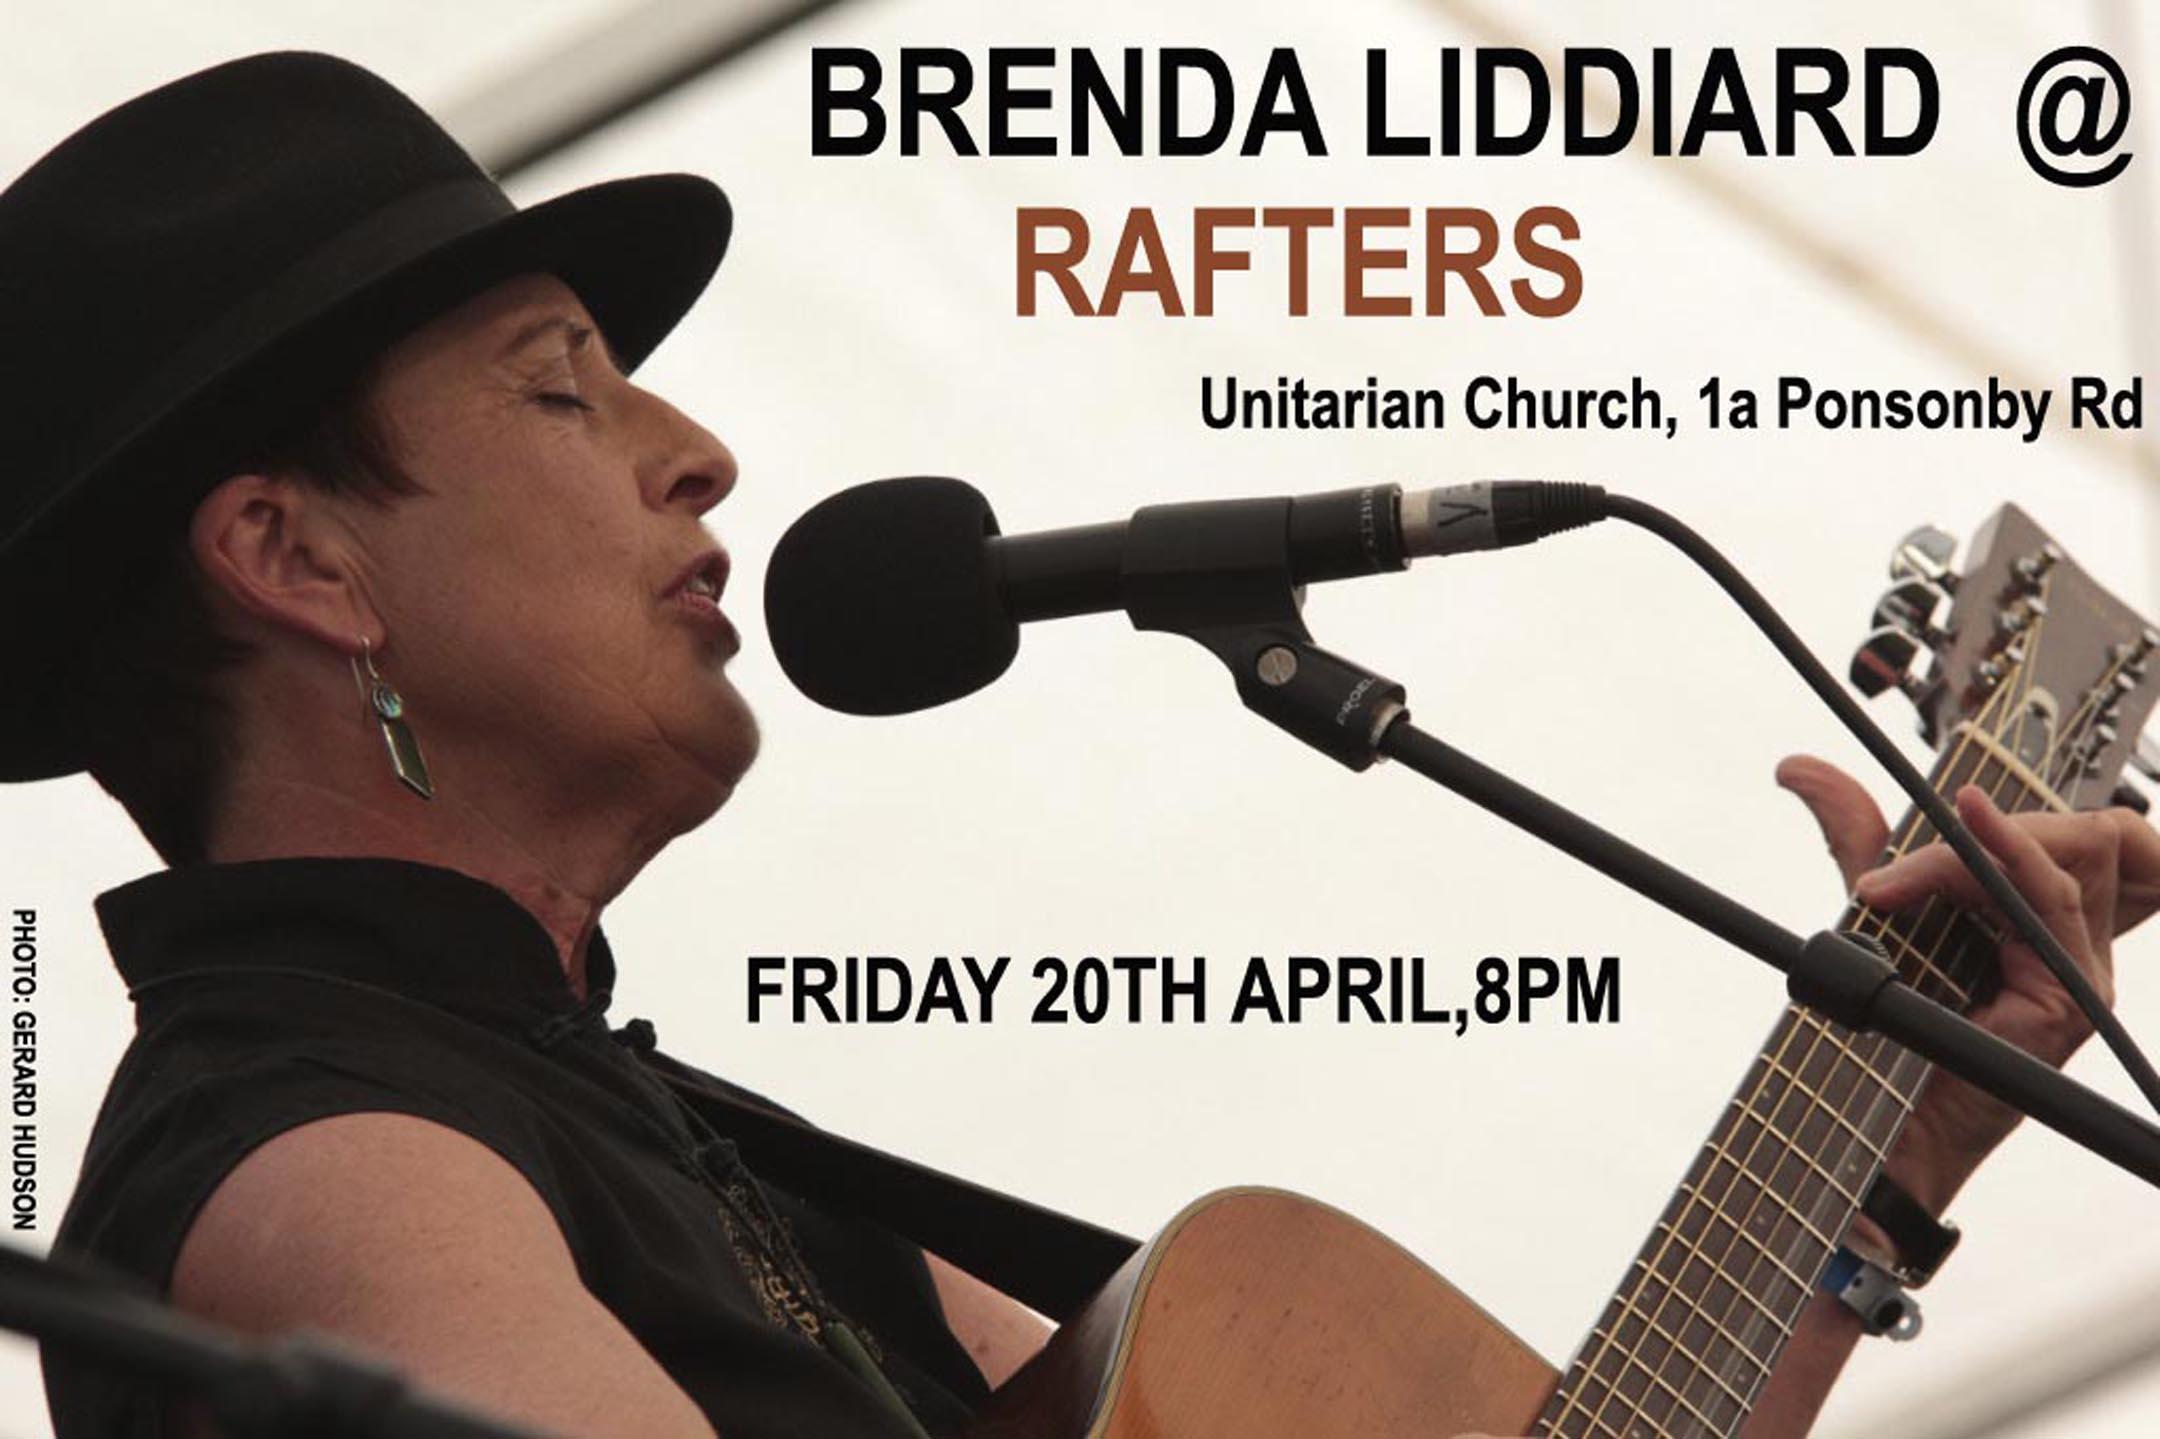 Brenda Liddiard